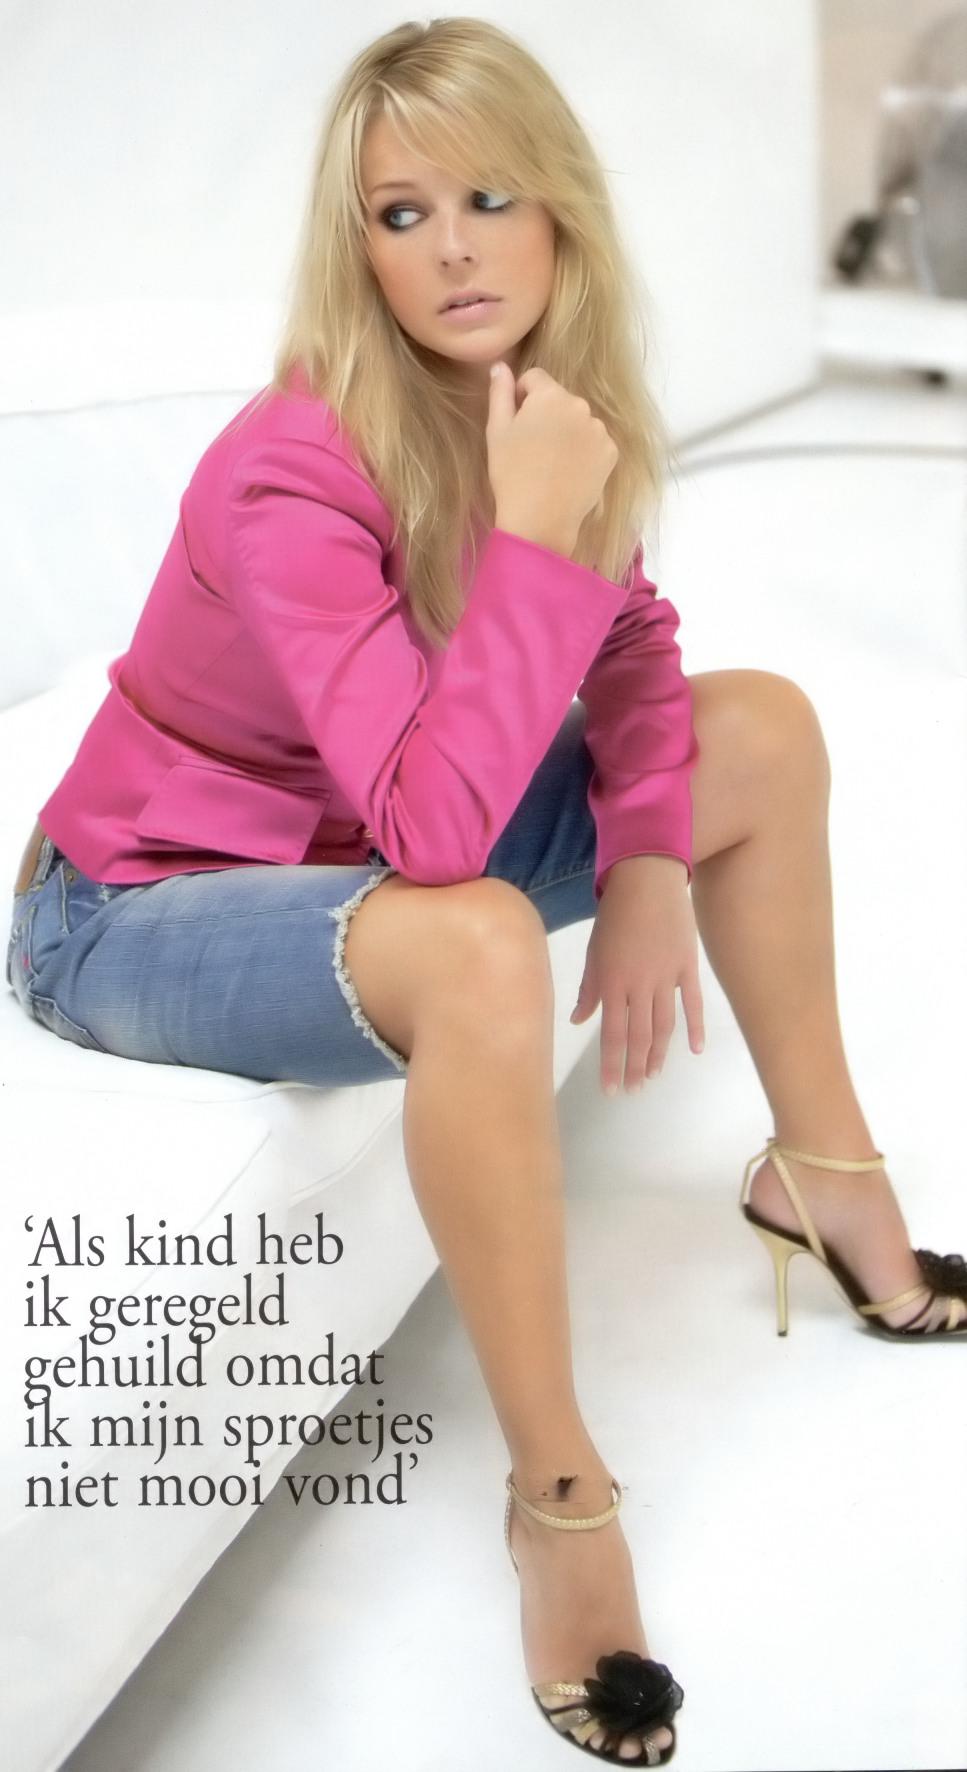 Chantal Janzens Feet